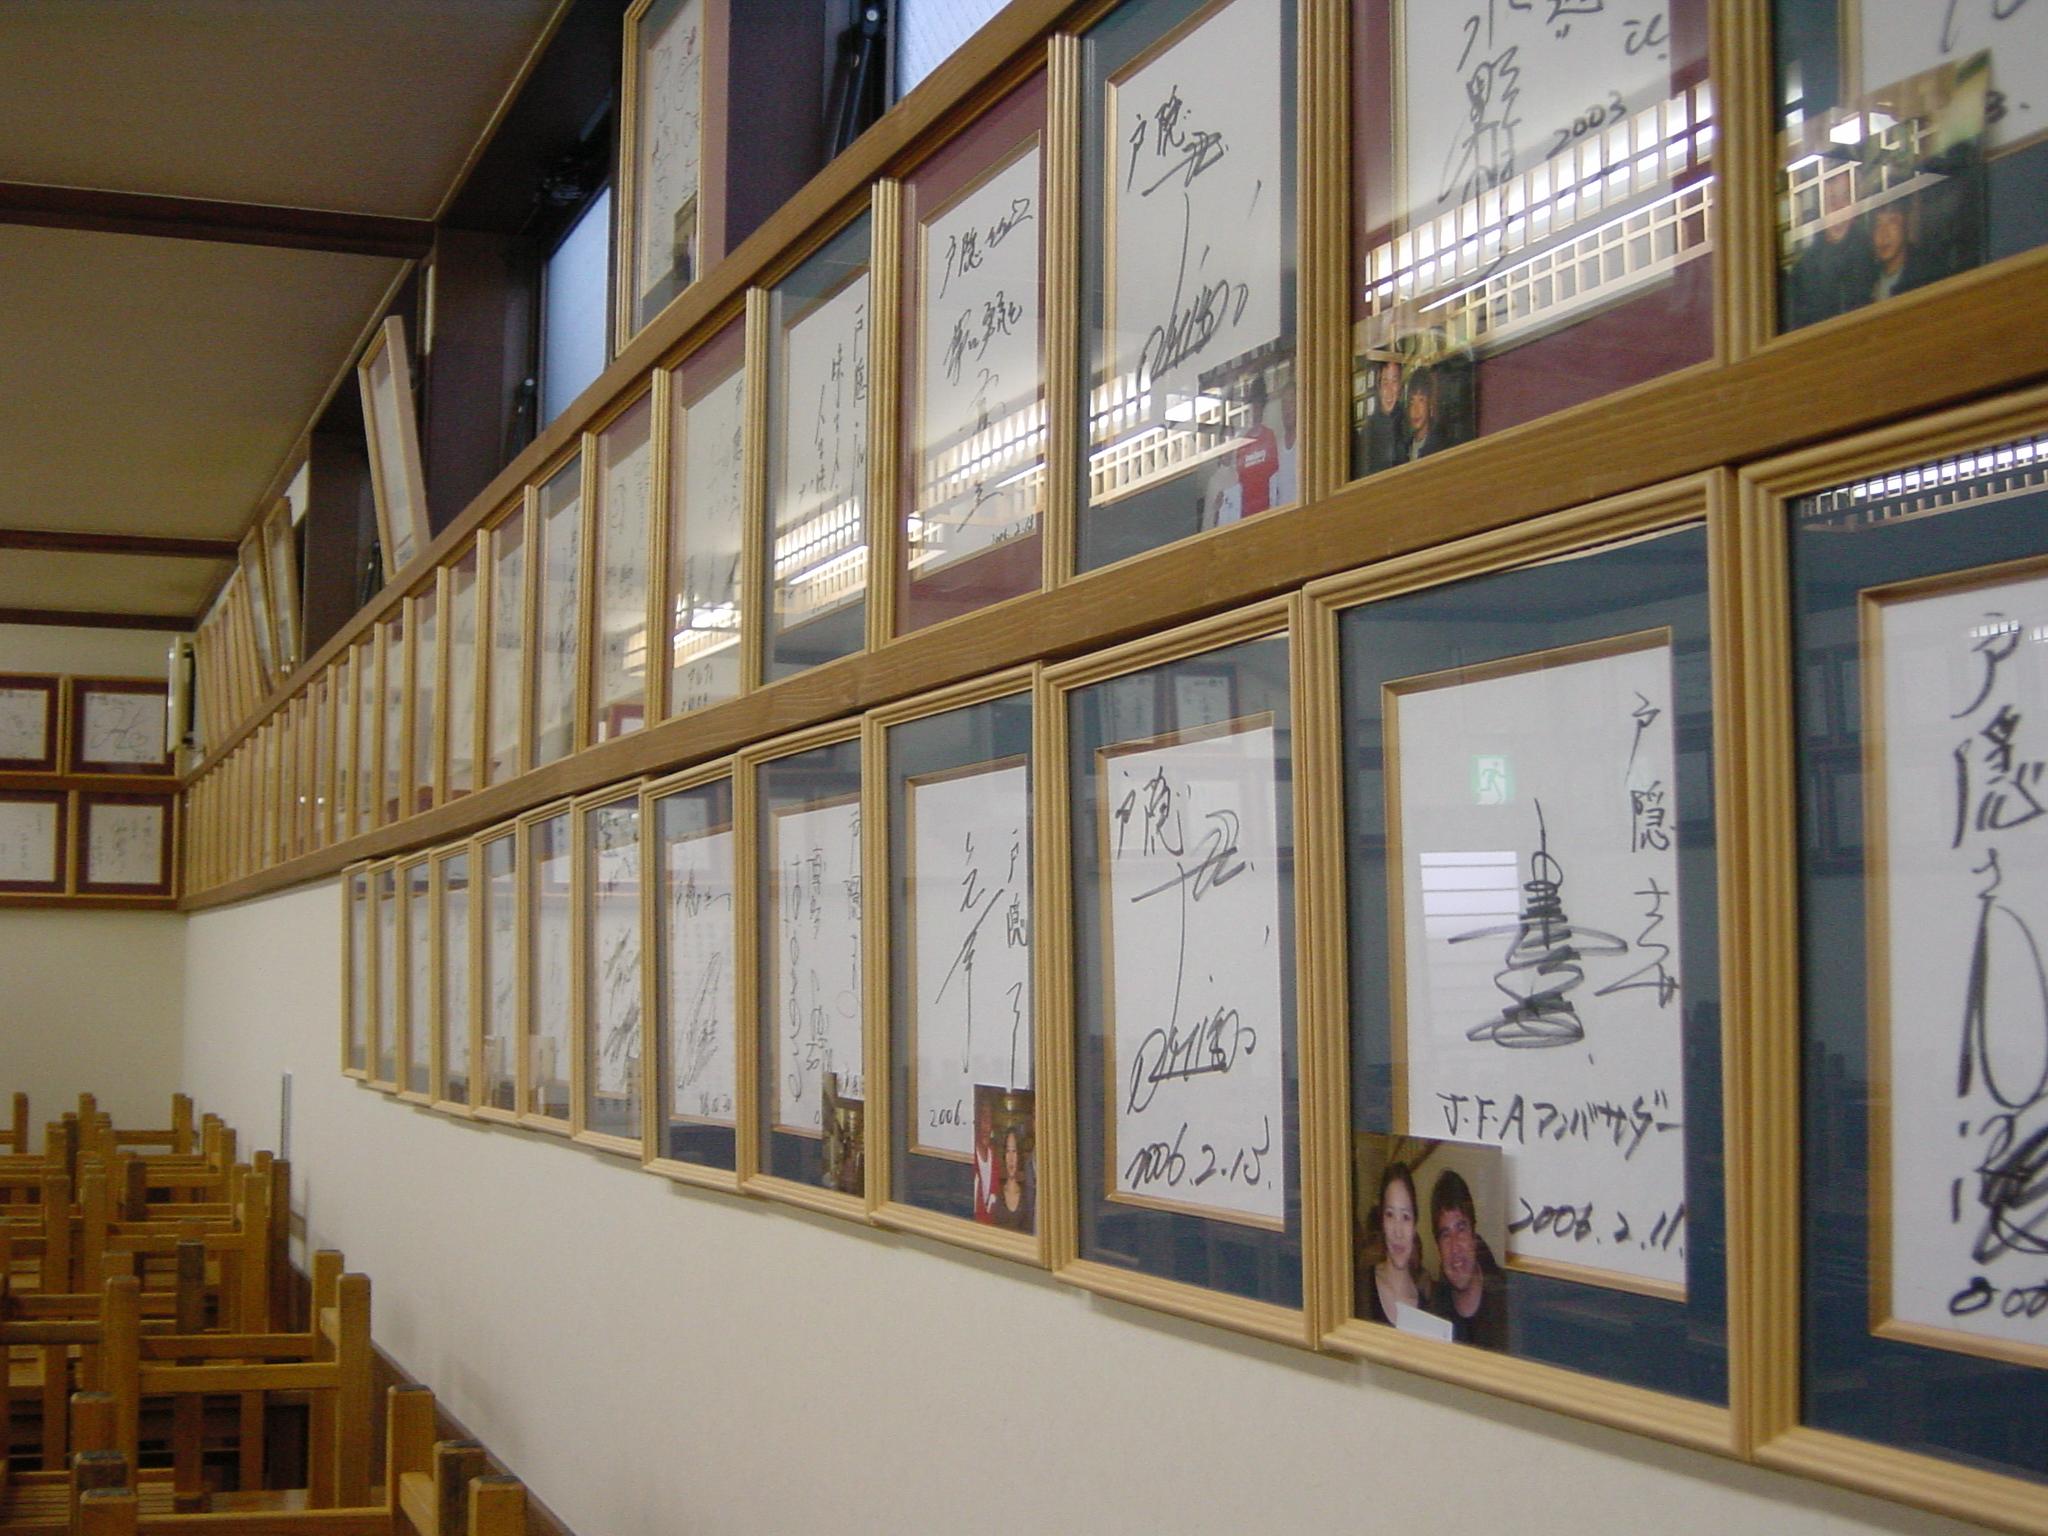 店内に飾られた著名人のサイン